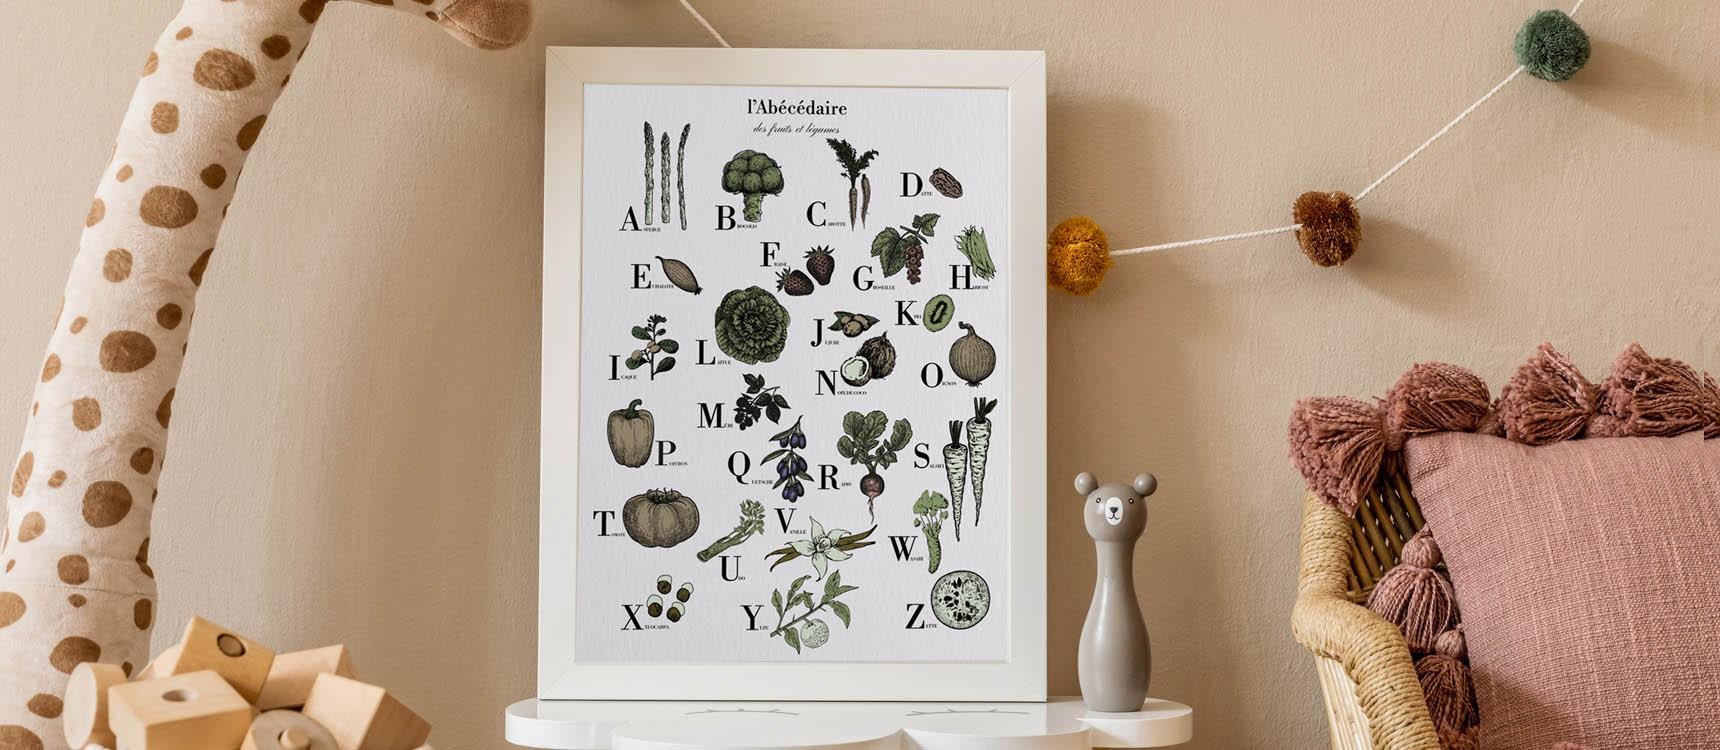 Affiche Abecedaire Des Fruits Et Legumes